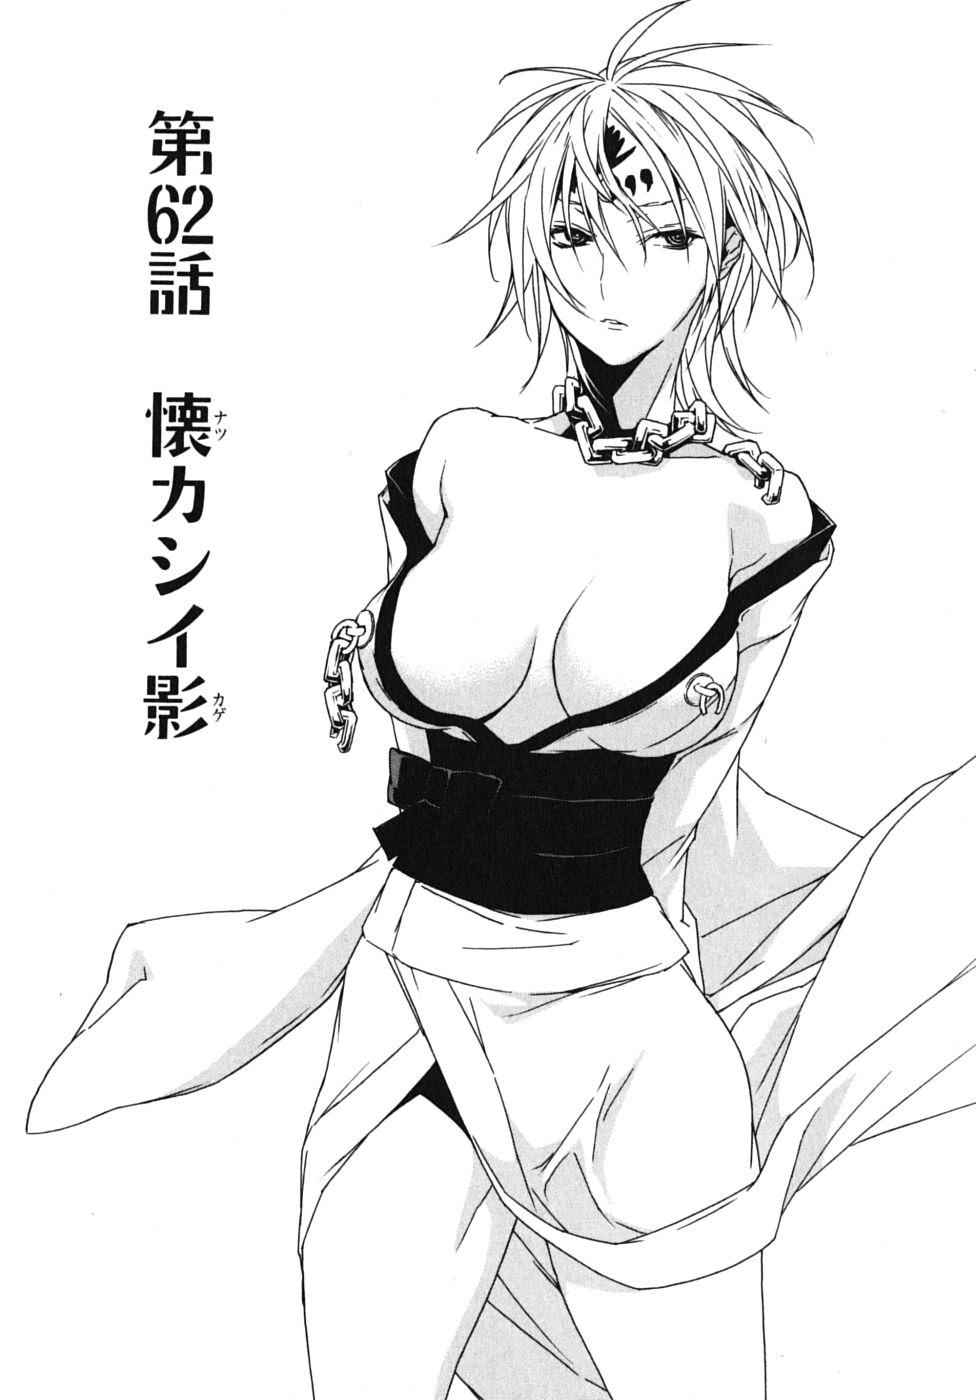 Sekirei manga chapter 062.jpg